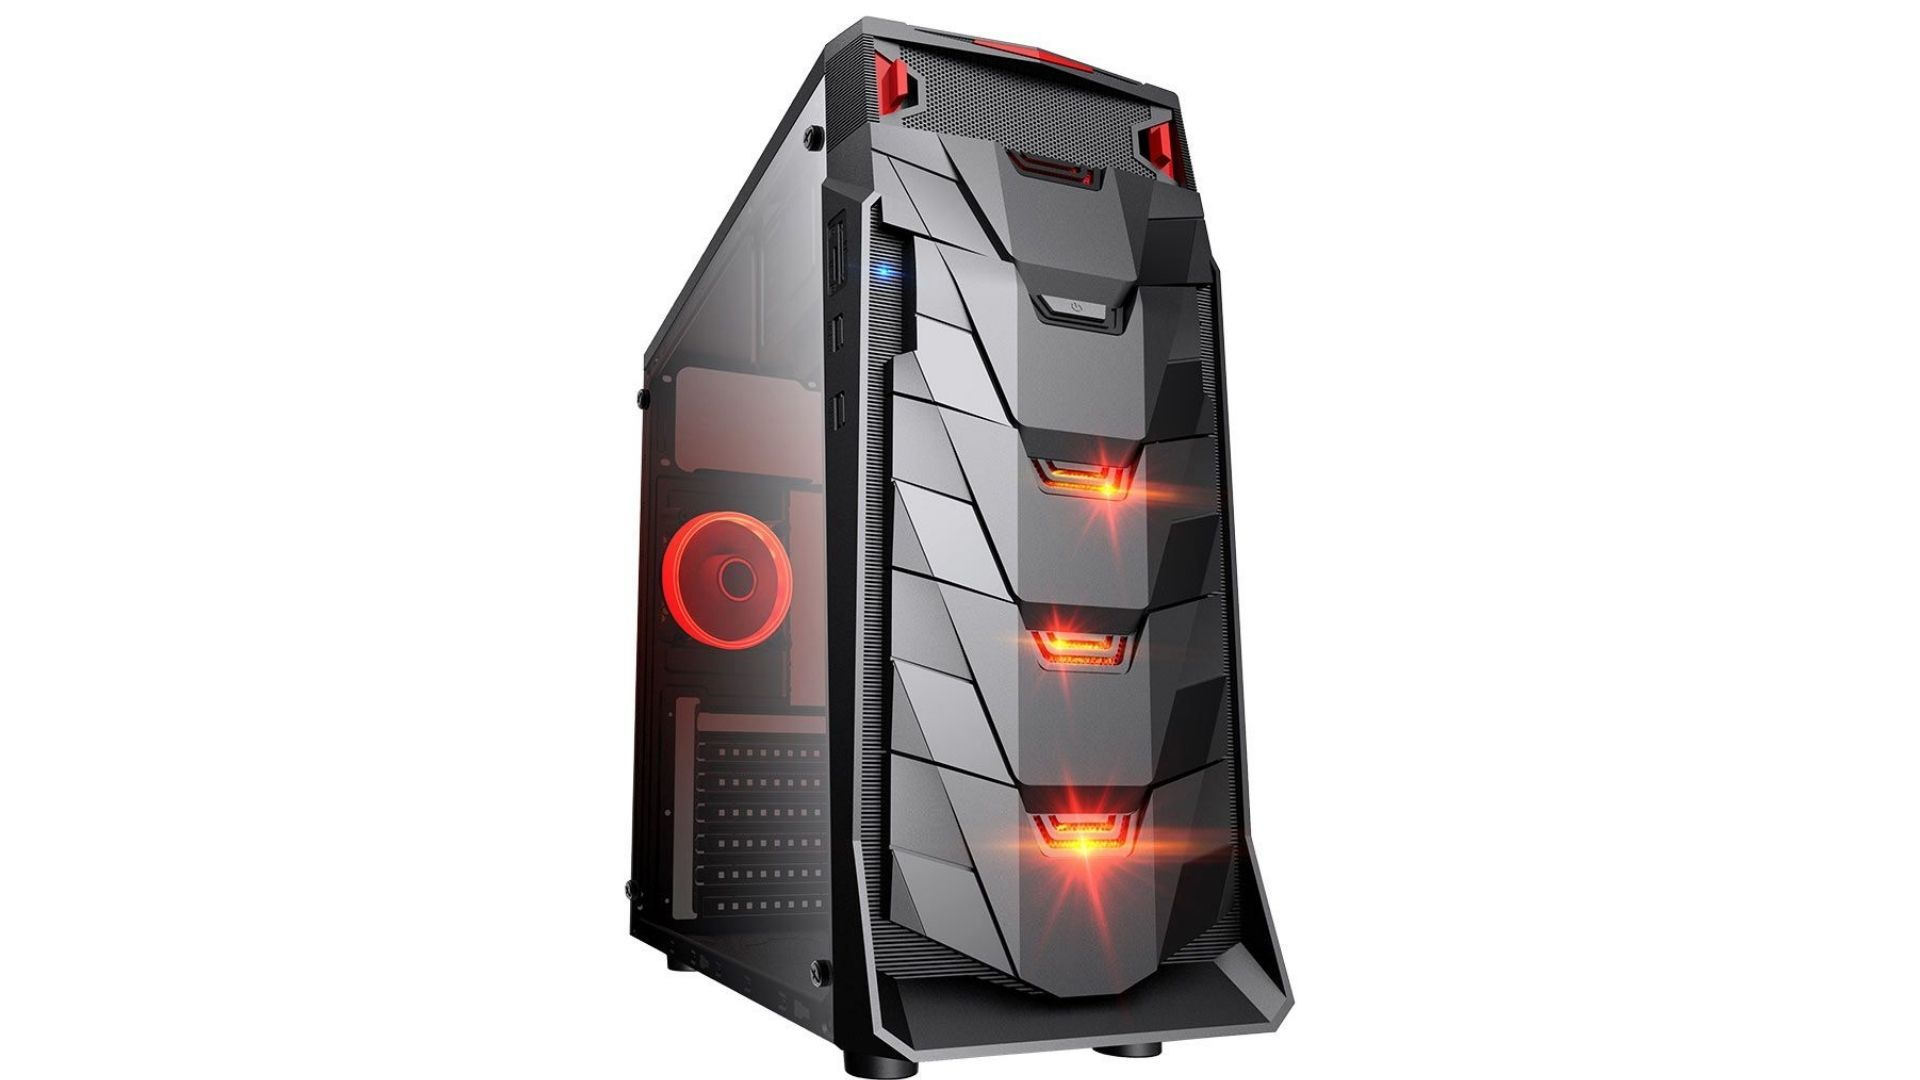 O Gabinete gamer Taurus MyMax conta com LEDs vermelhos na estrutura (Foto: Divulgação)